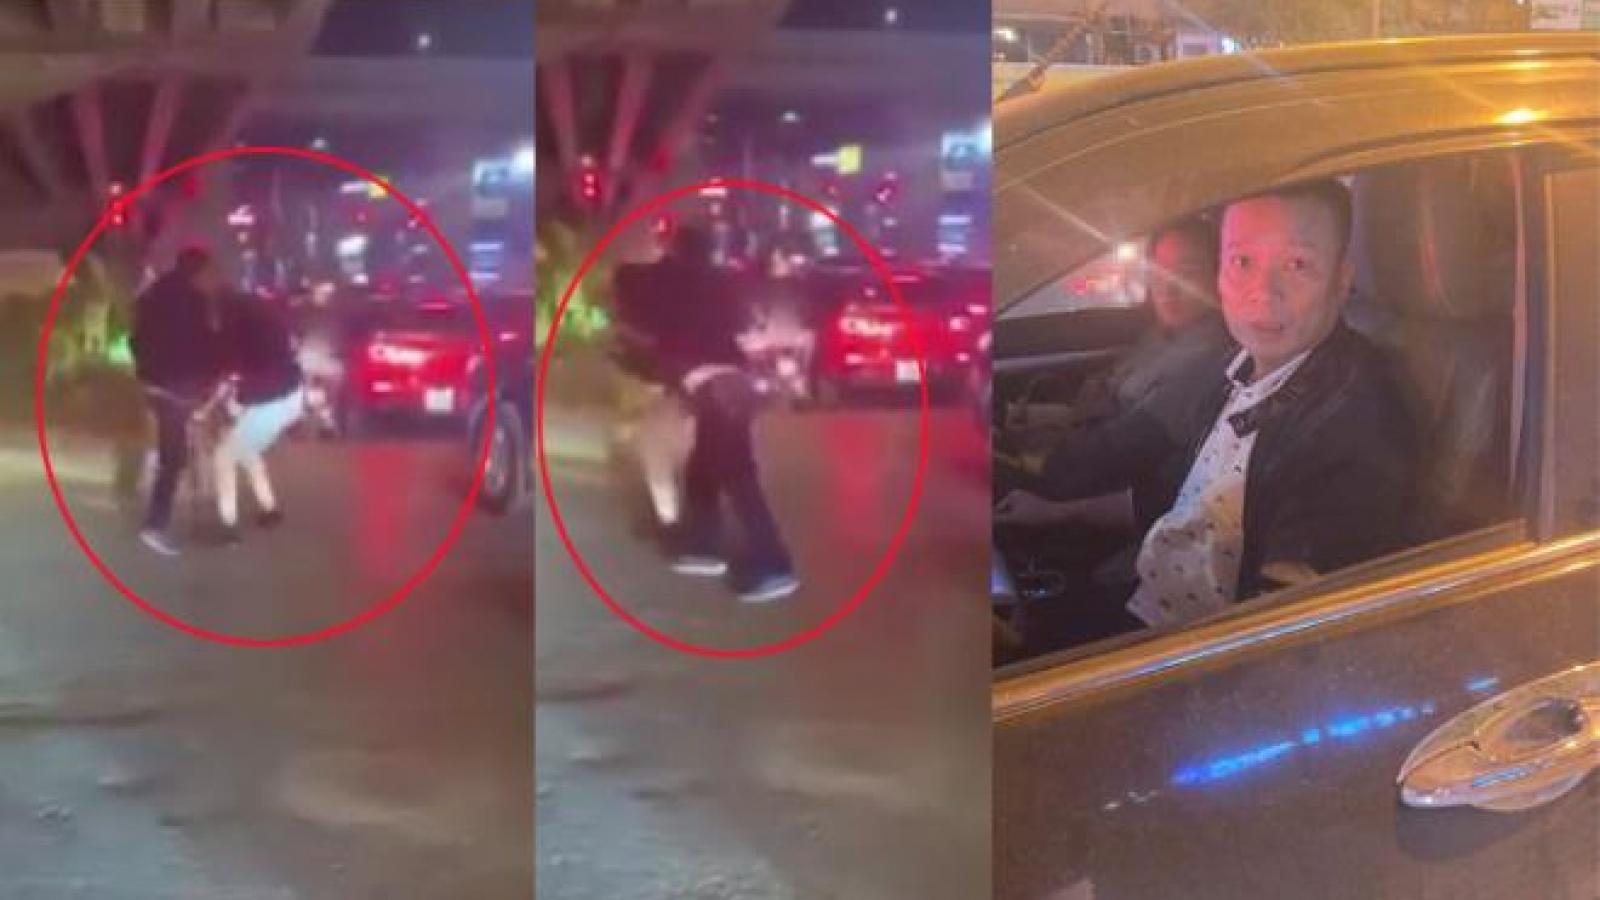 Di lý tài xế xe bán tải đánh gãy răng người đi đường từ Lào Cai về Hà Nội